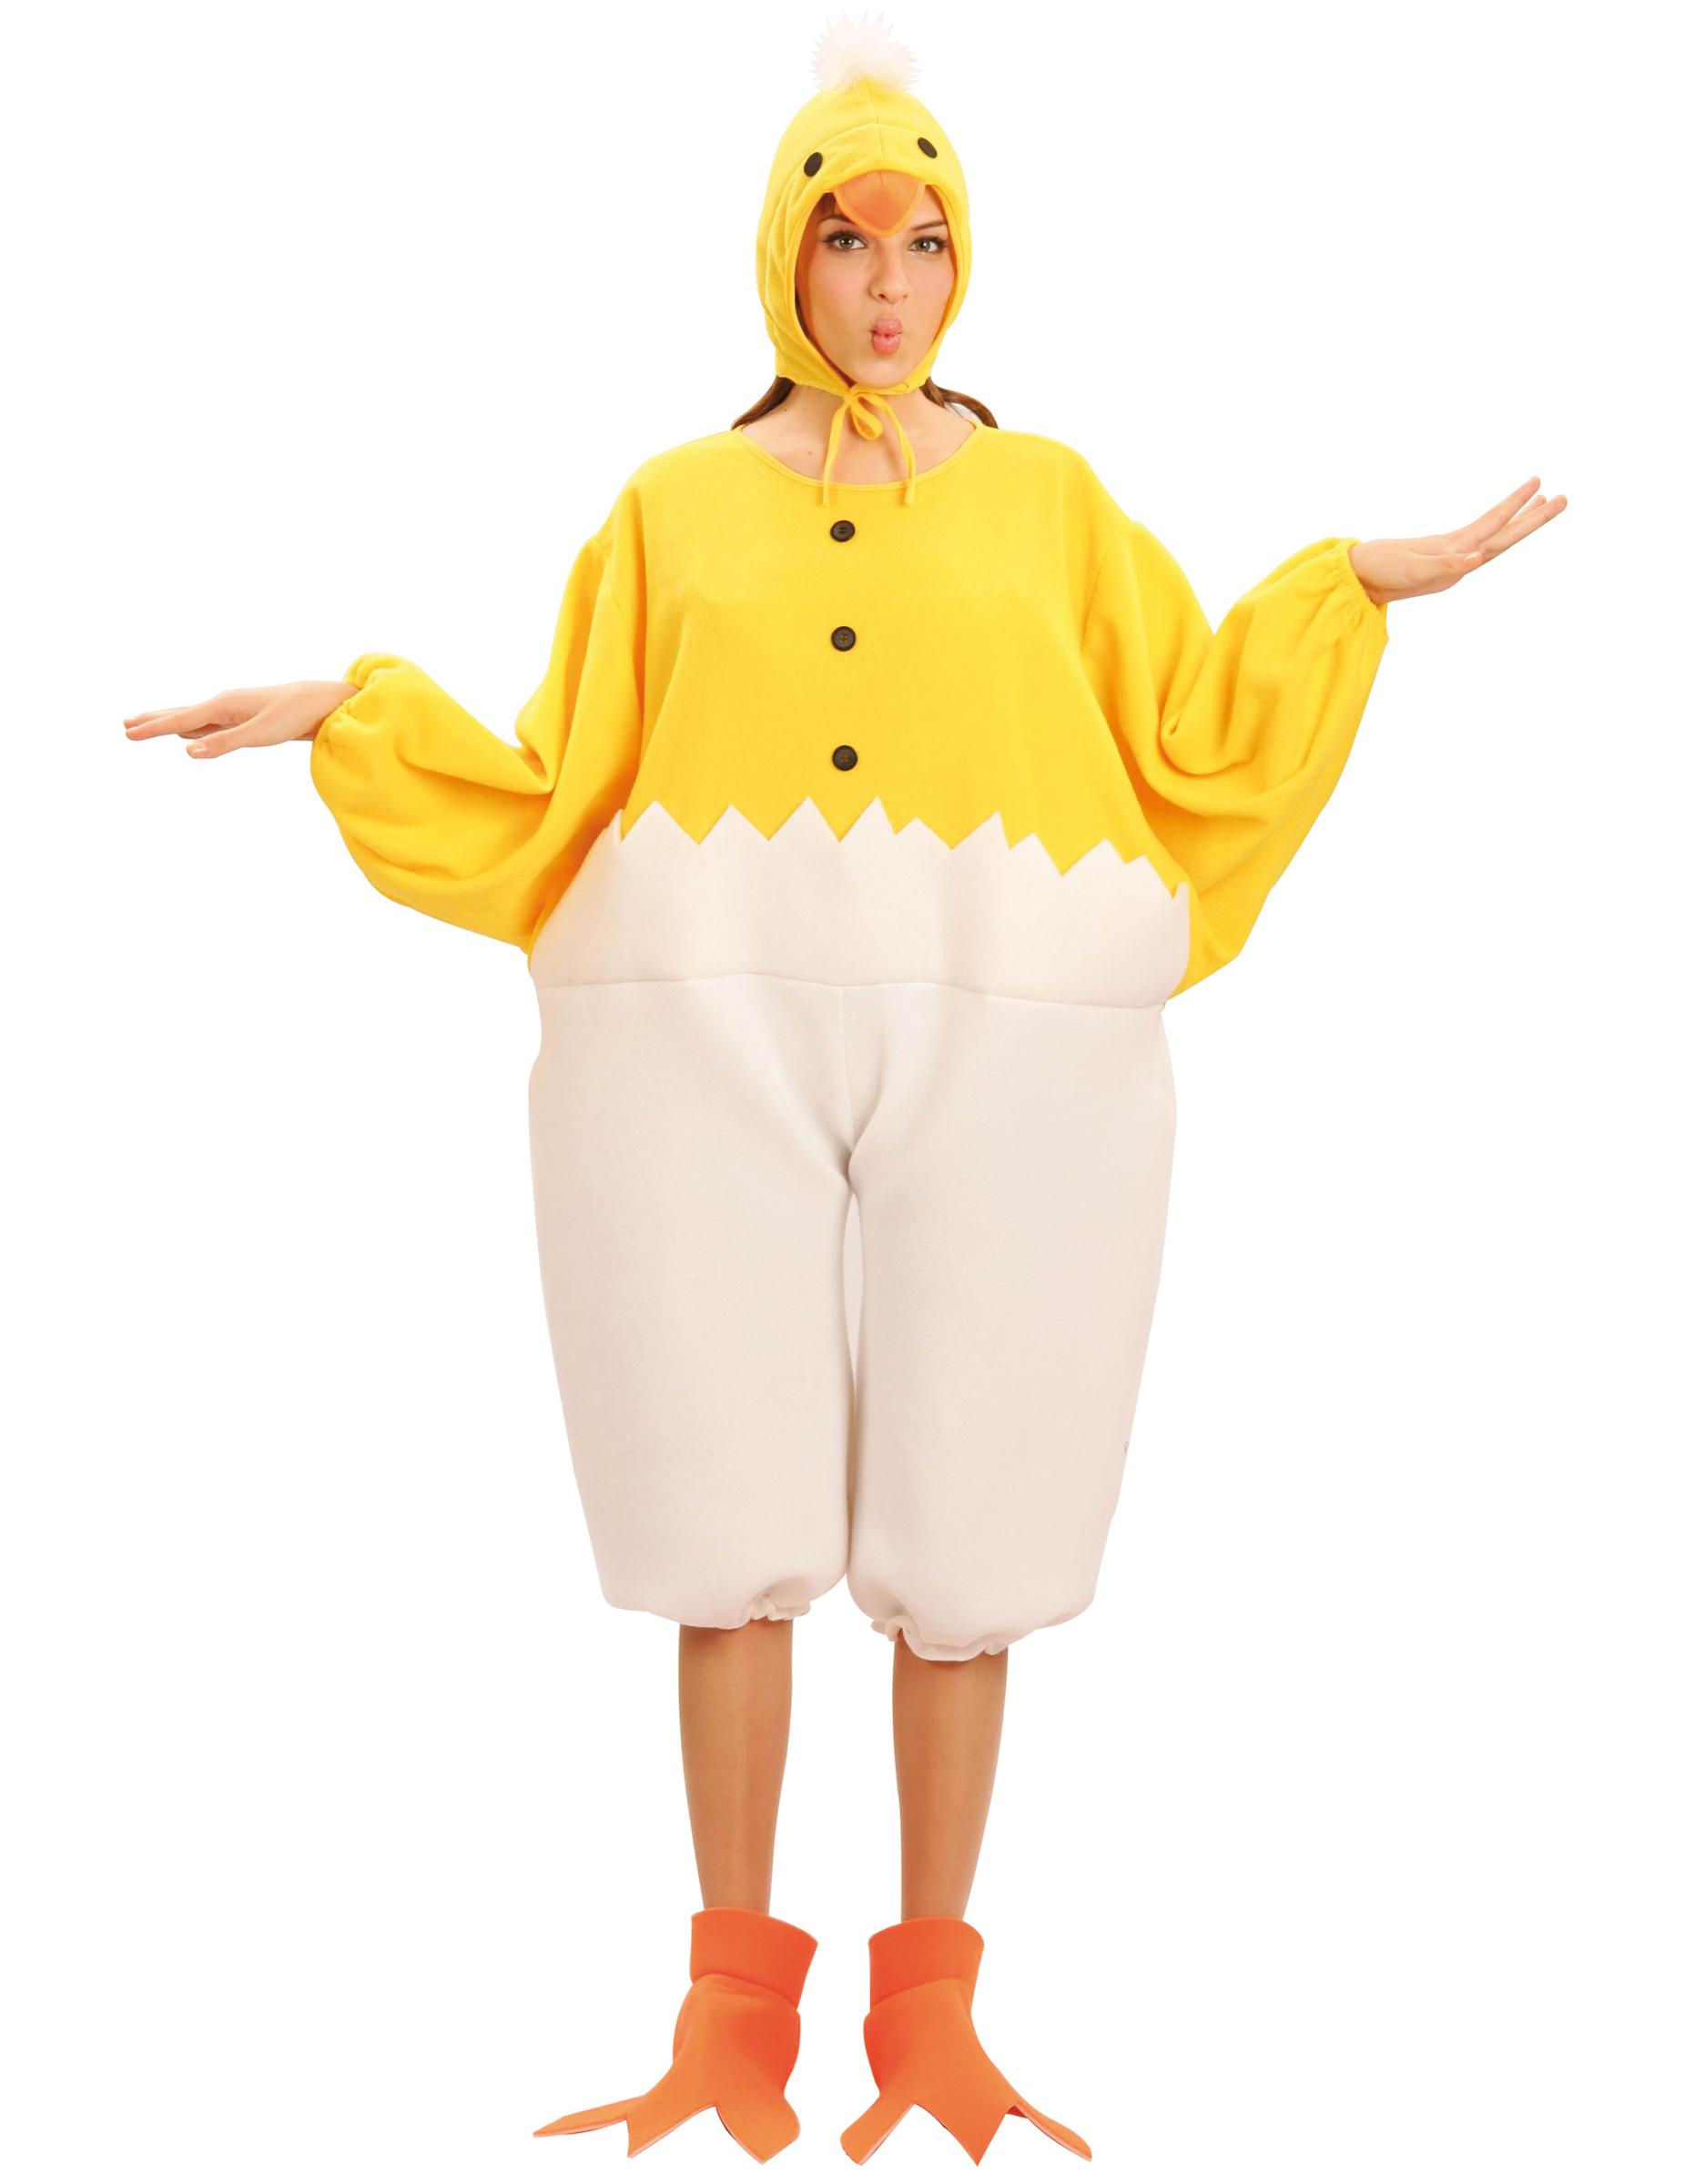 Costume pulcino adulti  Costumi adulti 441b3b7670c3